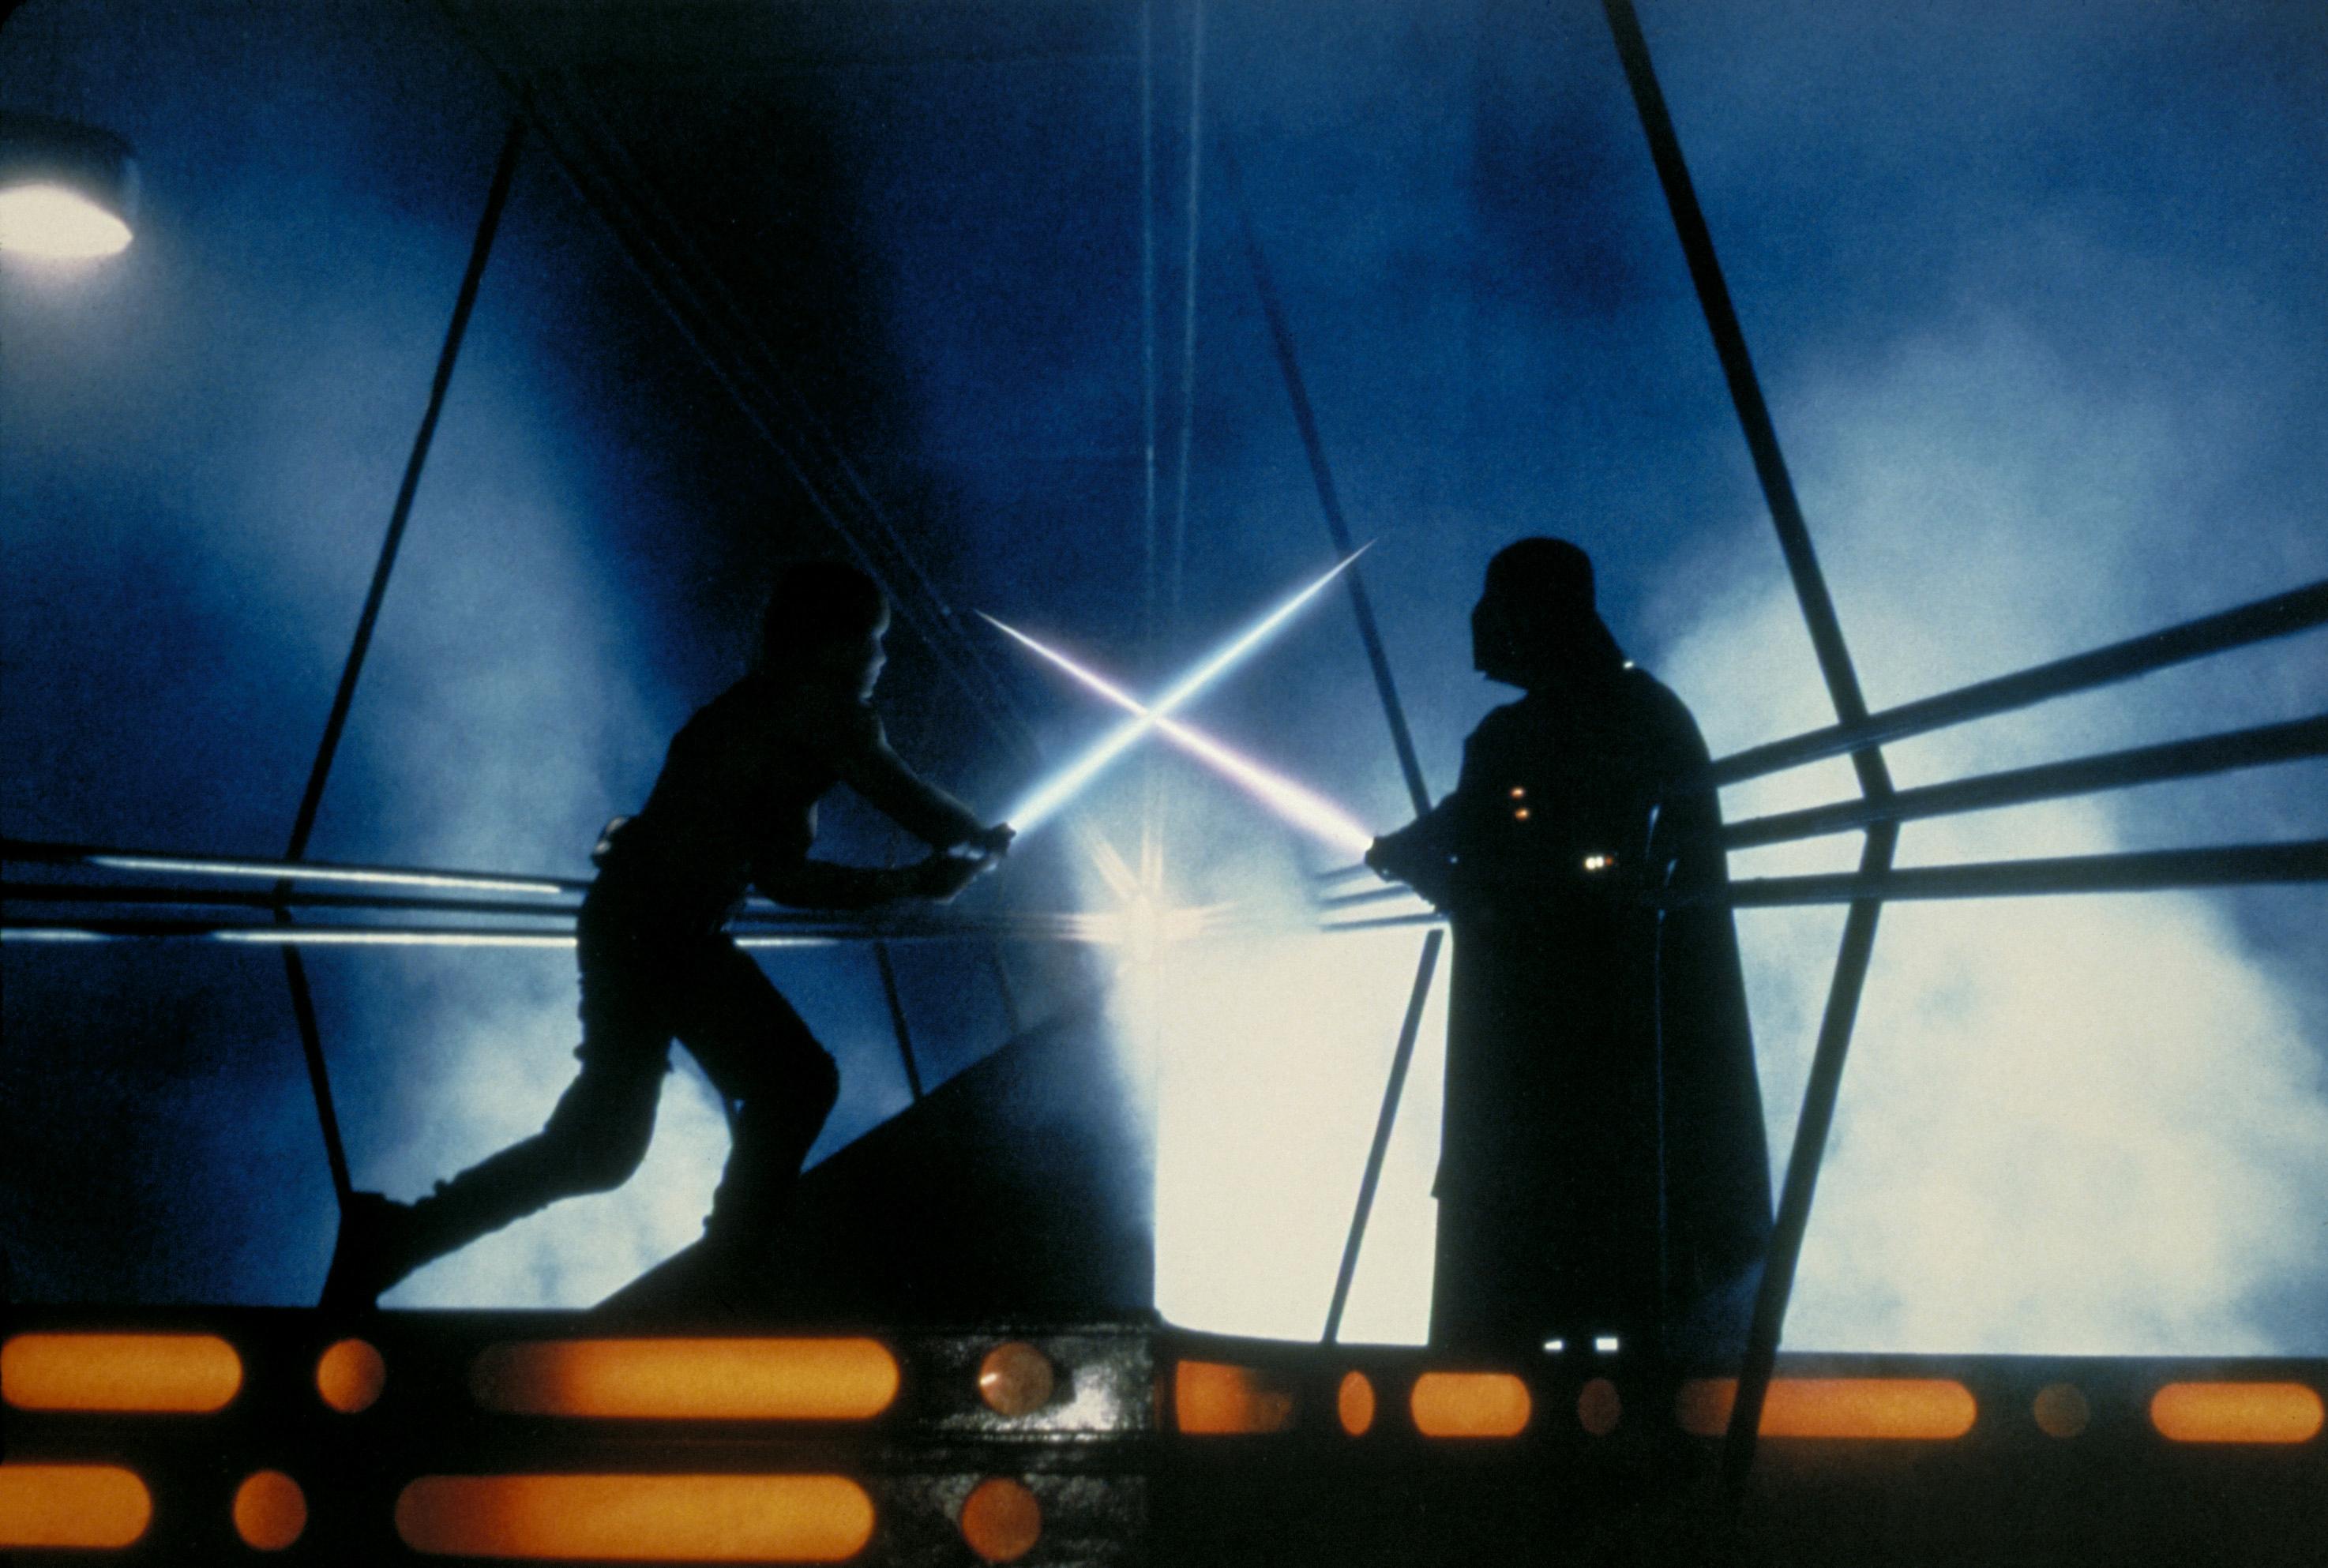 Luke Skywalker fighting a lightsaber battle against Darth Vader